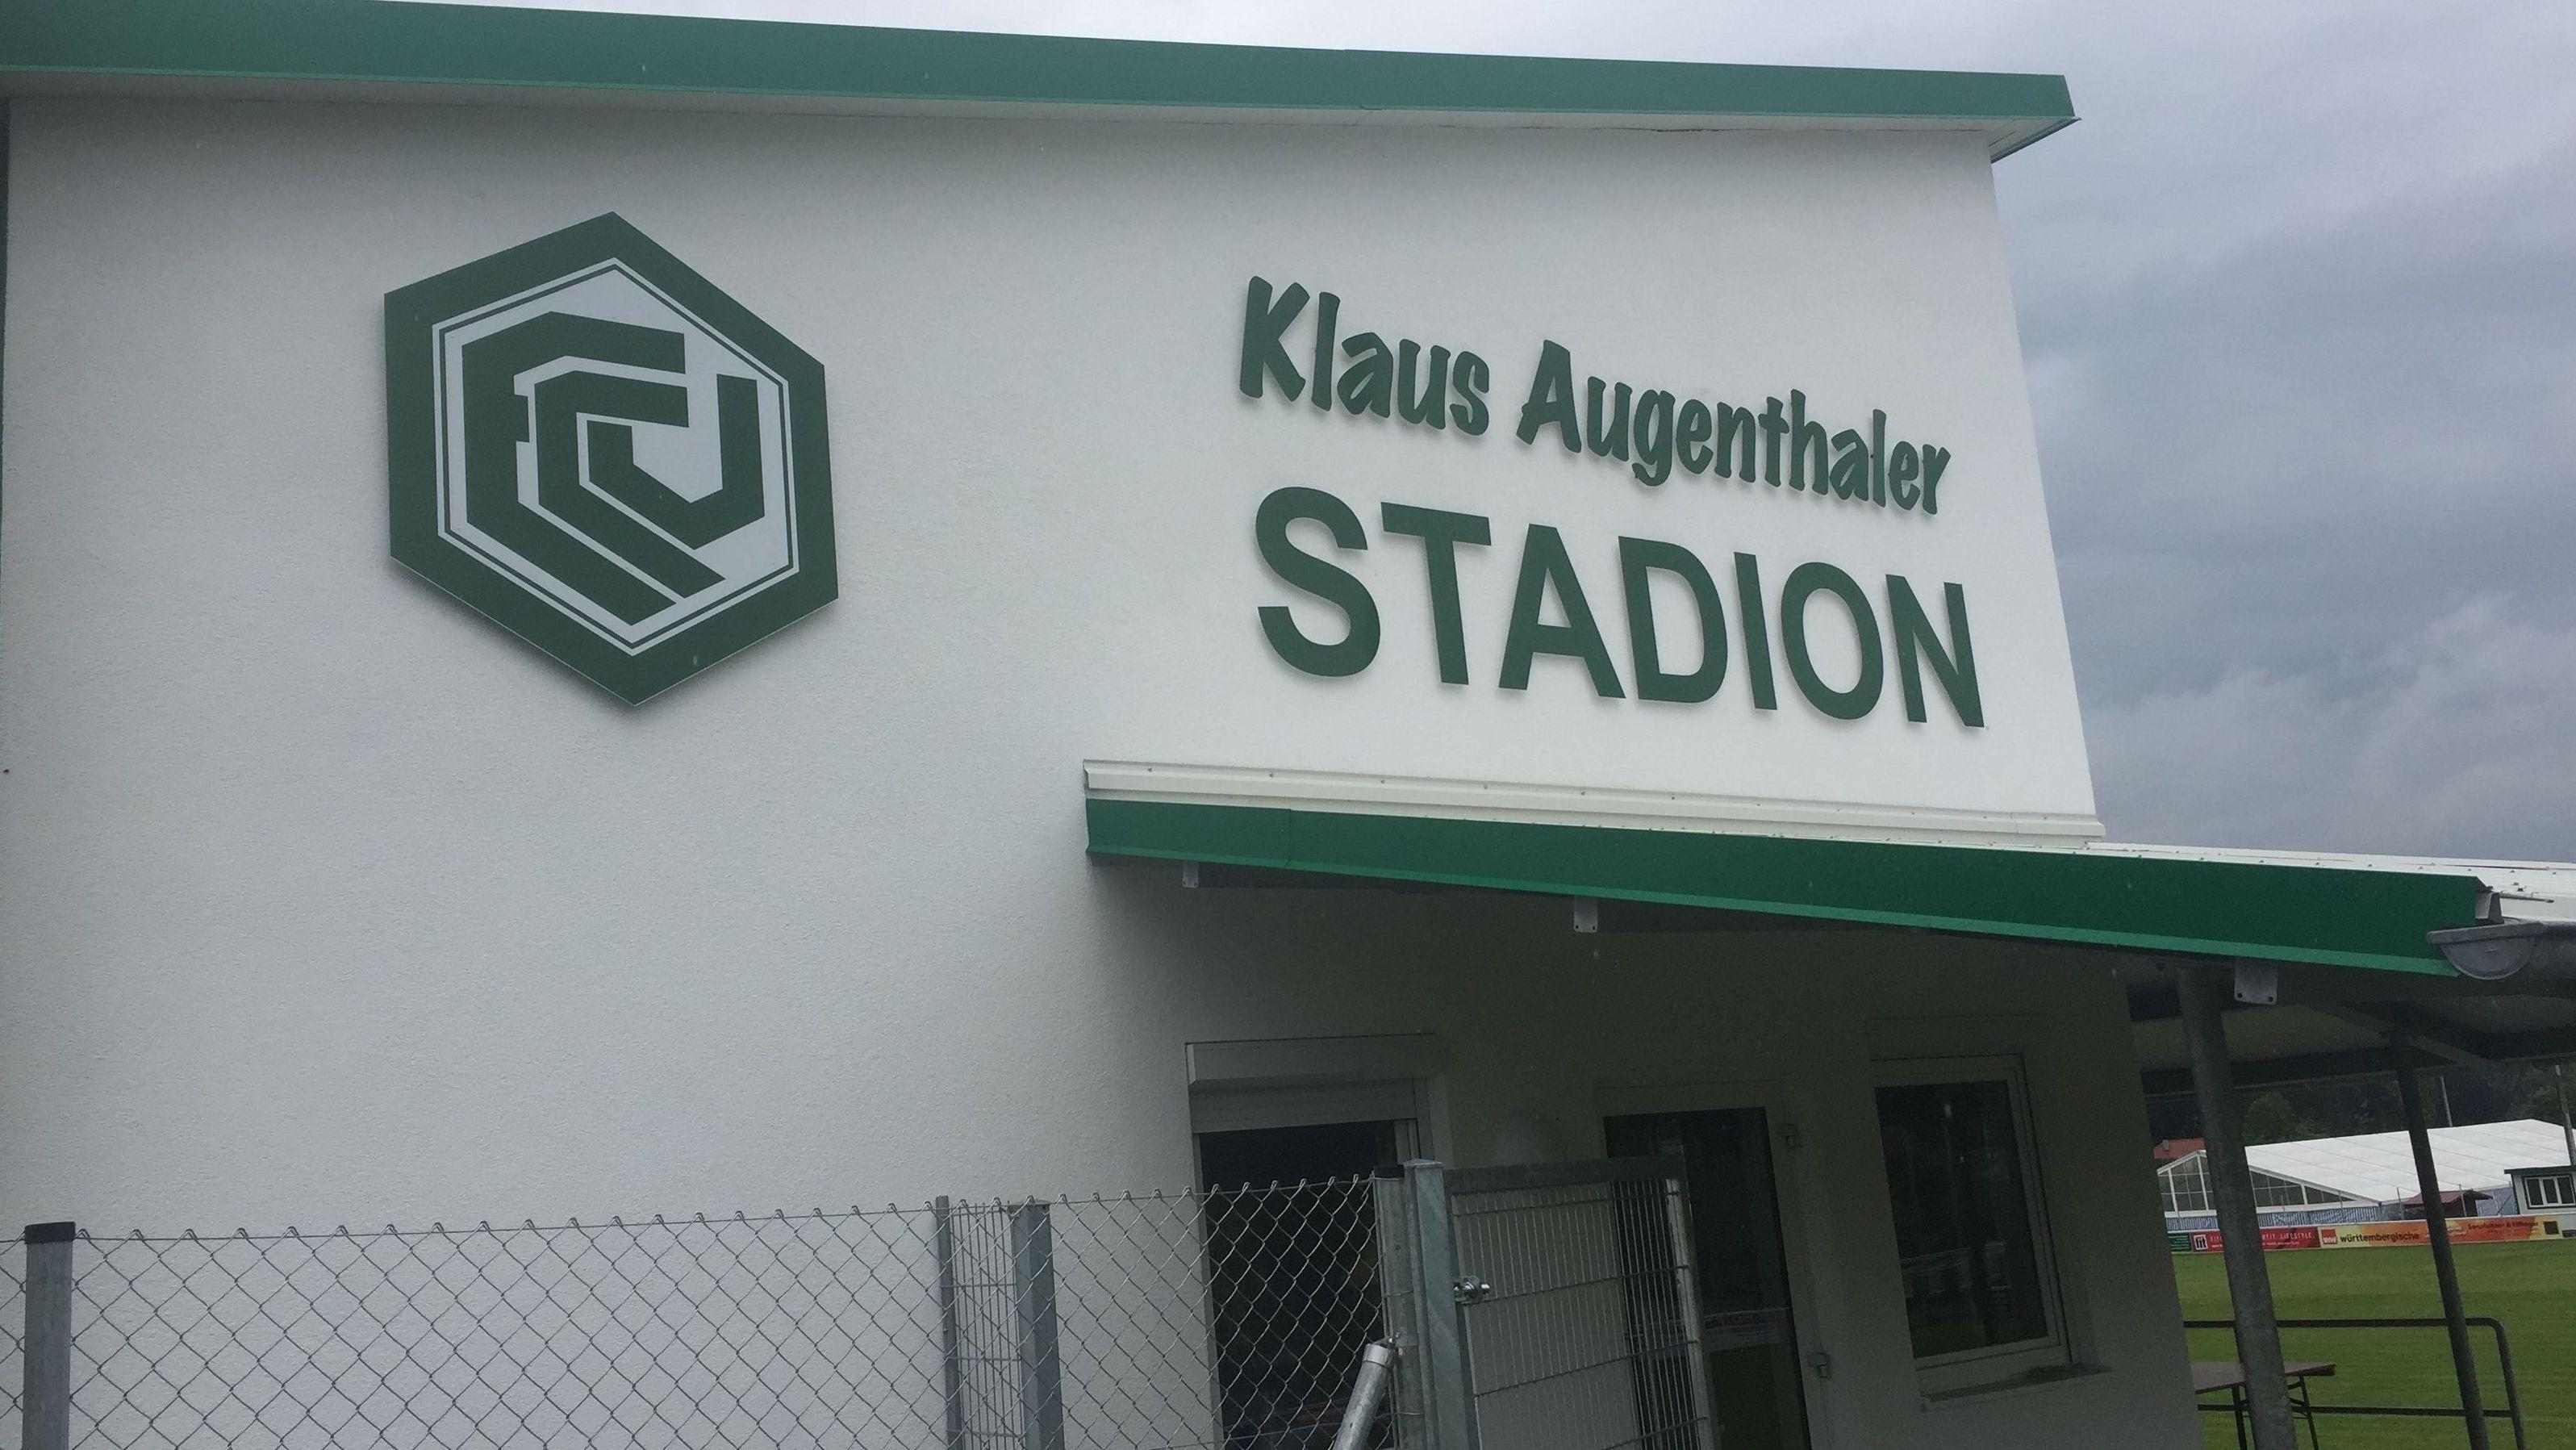 Klaus Augenthaler Stadion in Vilshofen